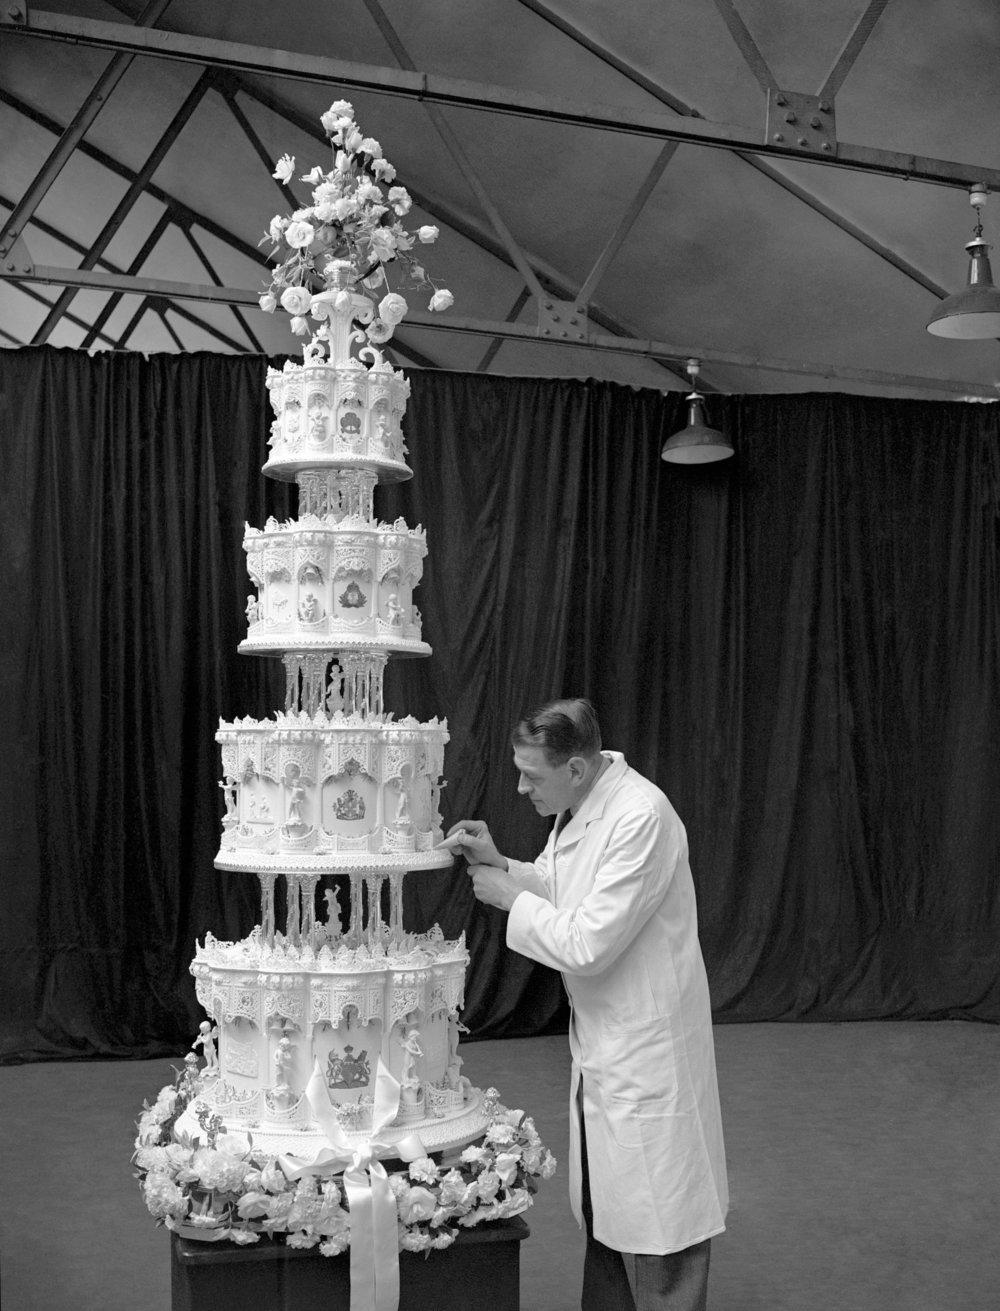 엘리자베스 여왕의결혼식웨딩 케이크를 디자인하고 있는 케이크 디자이너.1947.